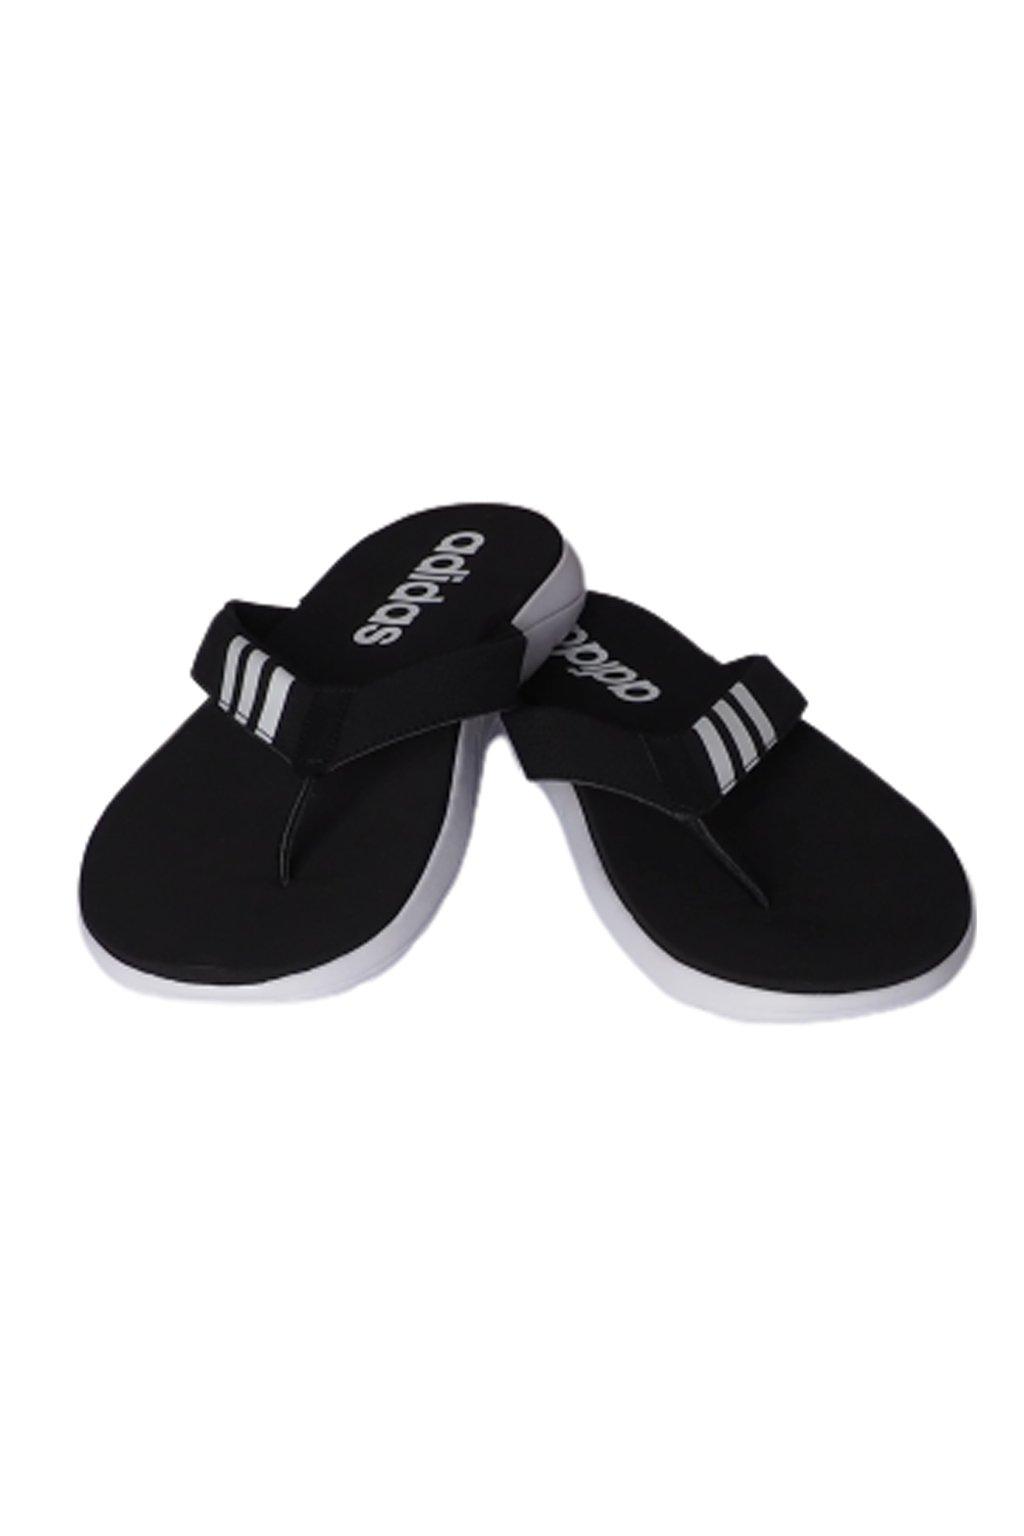 Klapki męskie adidas Comfort Flip Flop czarne EG2069